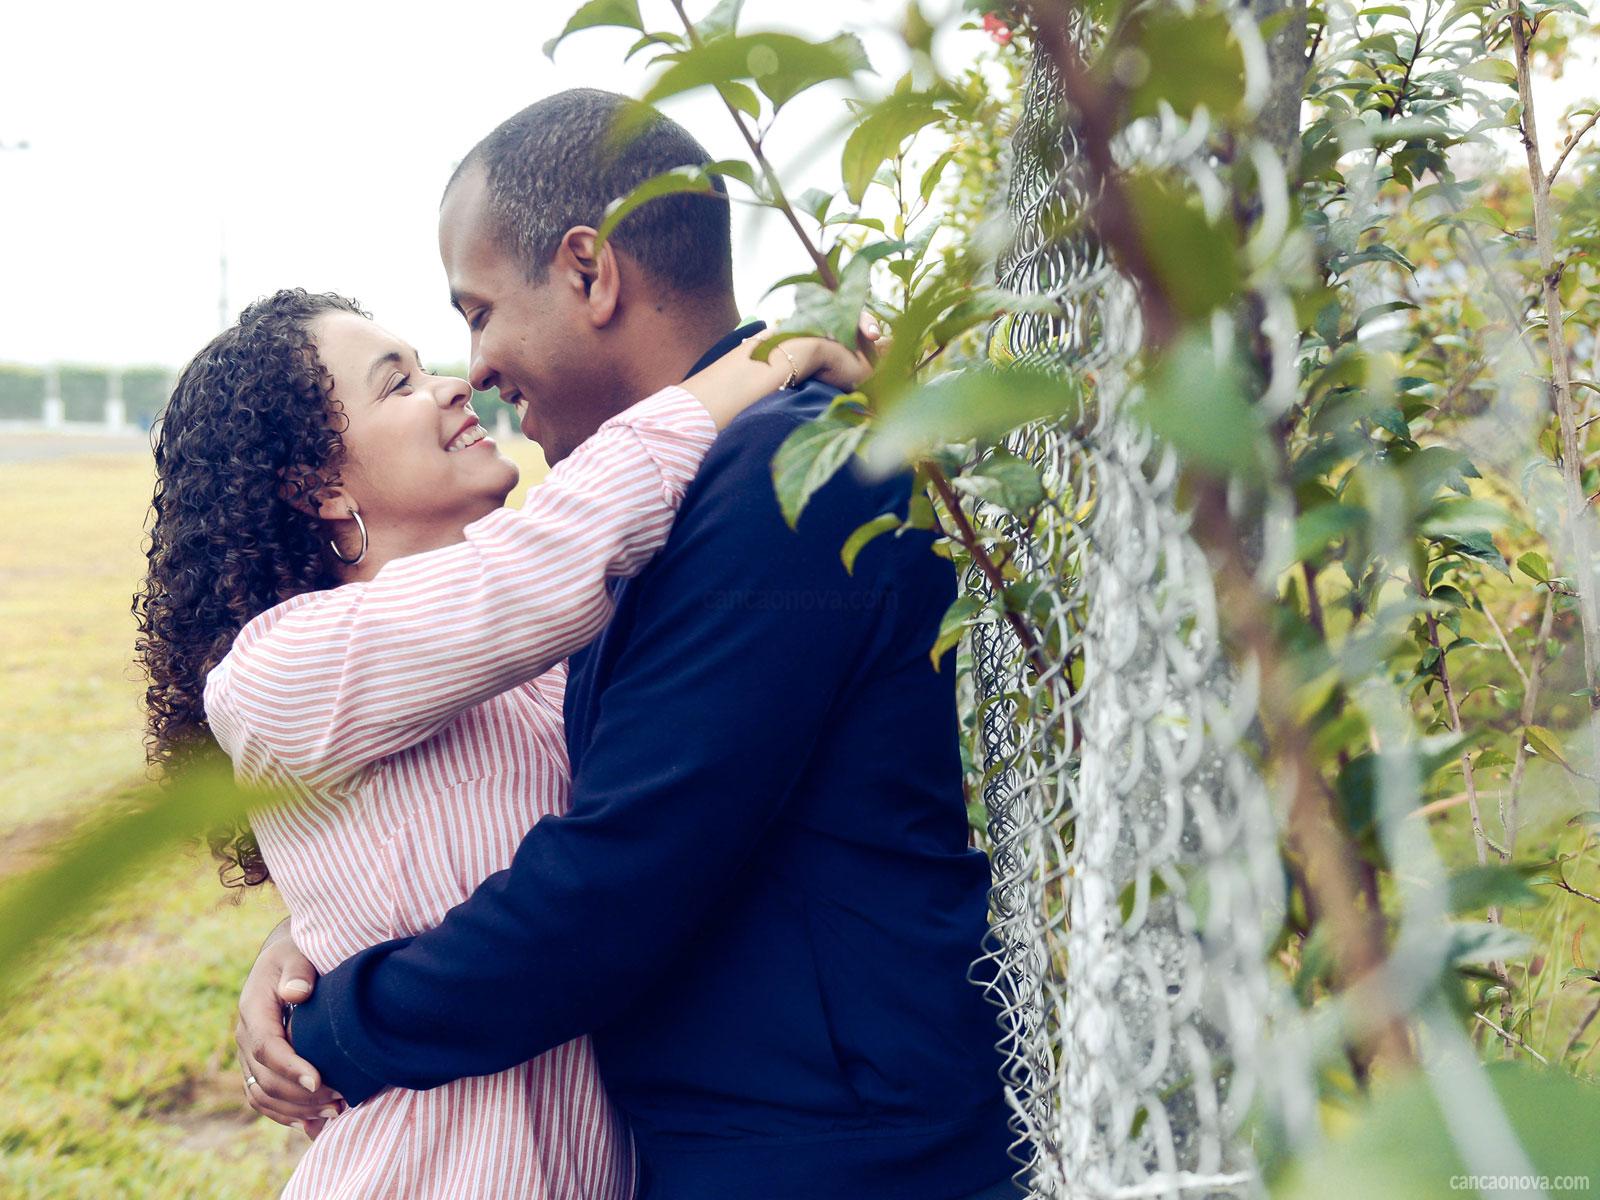 Amar-alguém-é-contemplar-o-outro-como-Deus-o-planejou